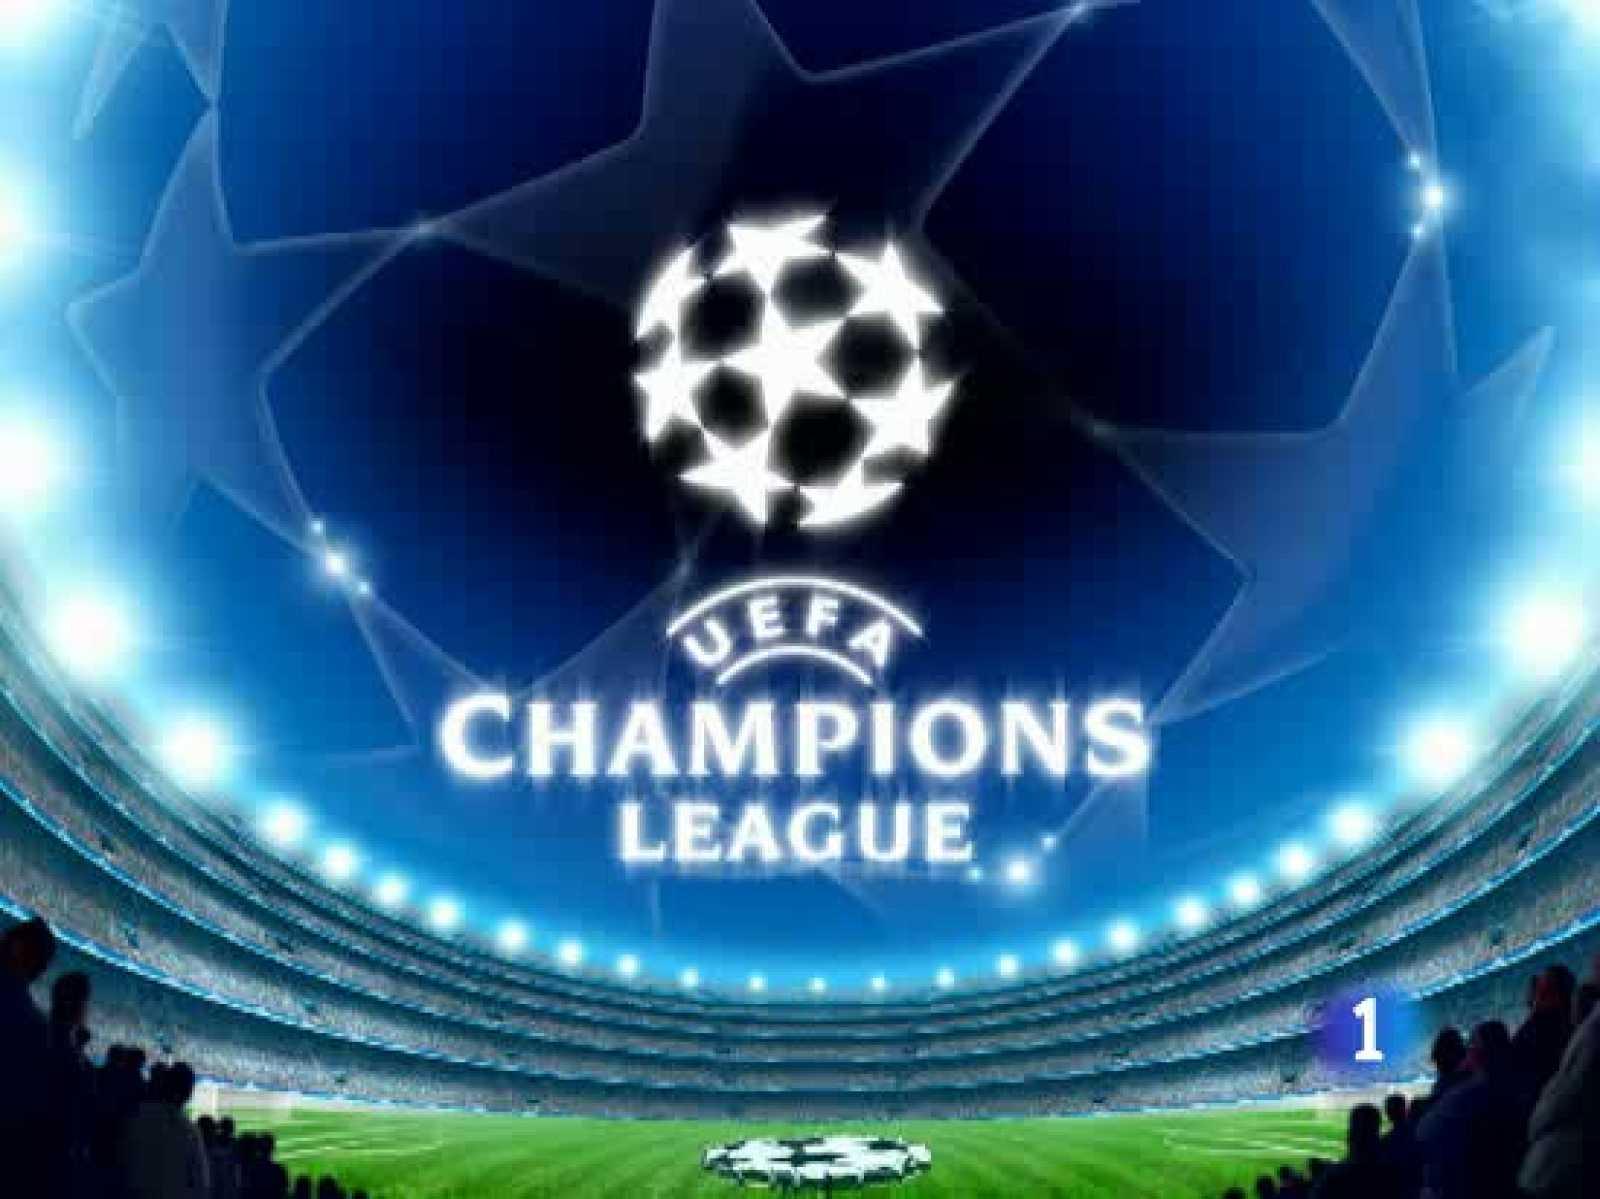 TVE y TV3 emitirán la Uefa Champions League hasta 2015 - RTVE.es